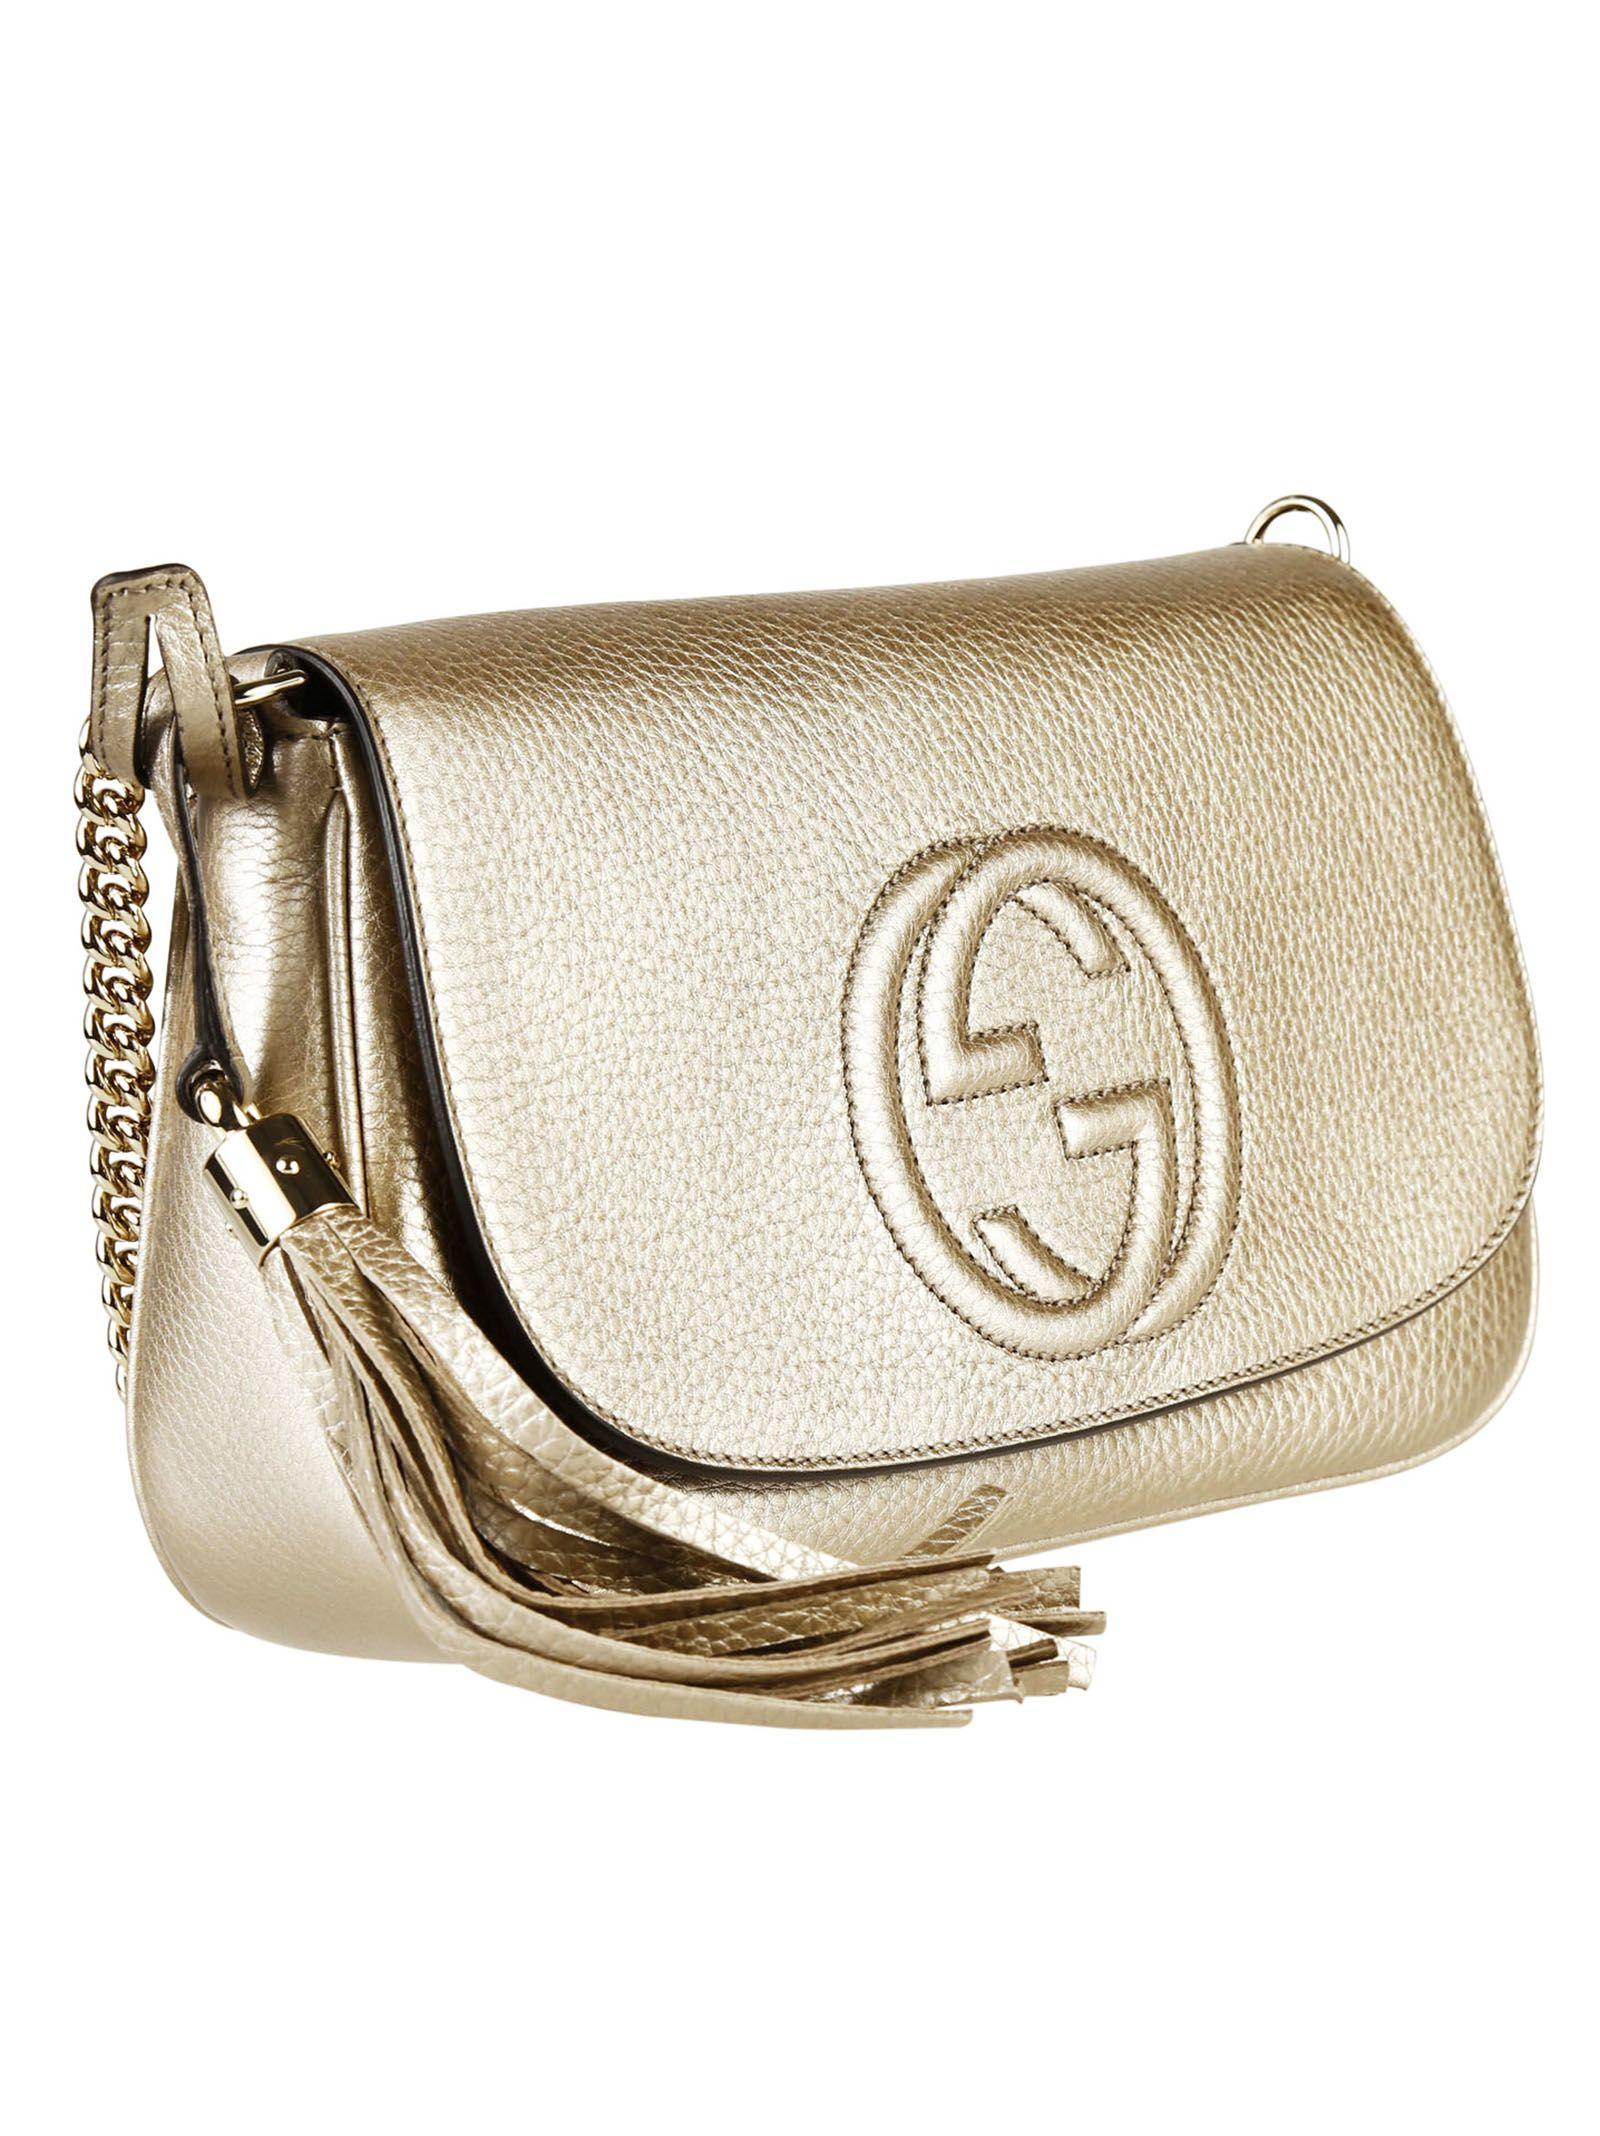 Gucci Bag Gold